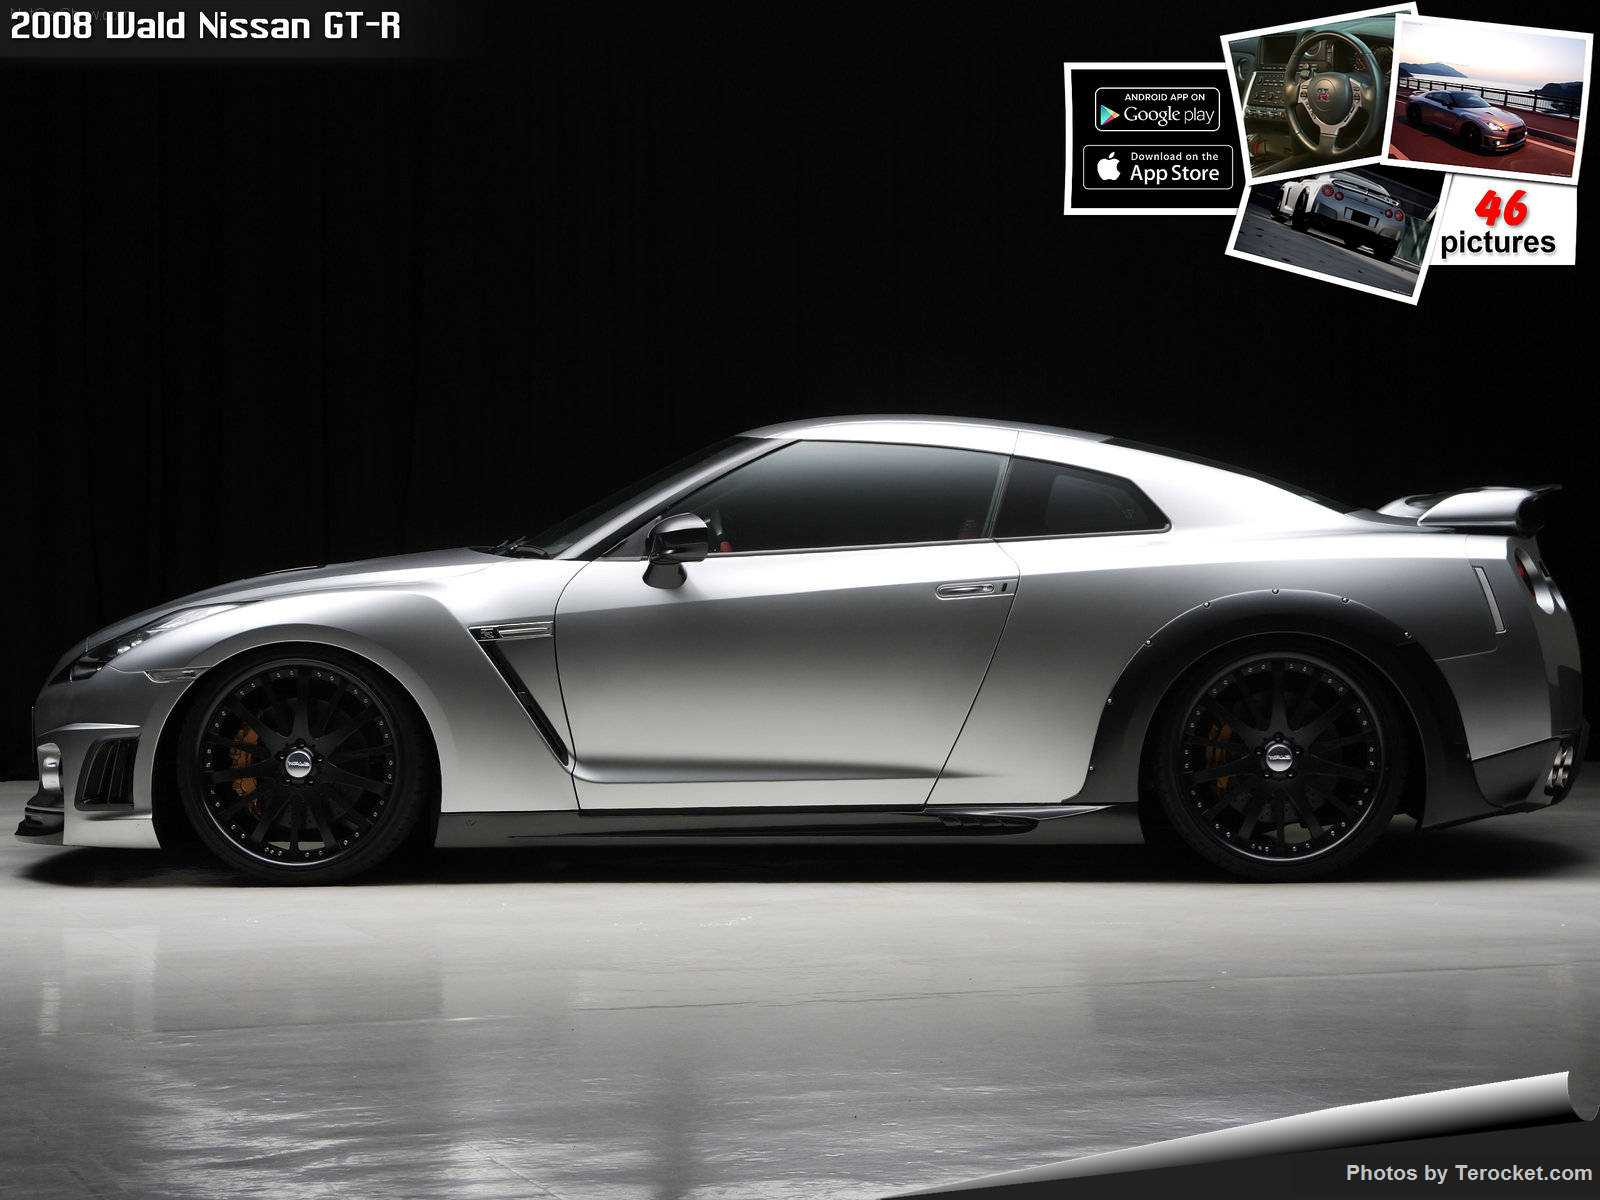 Hình ảnh xe độ Wald Nissan GT-R 2008 & nội ngoại thất